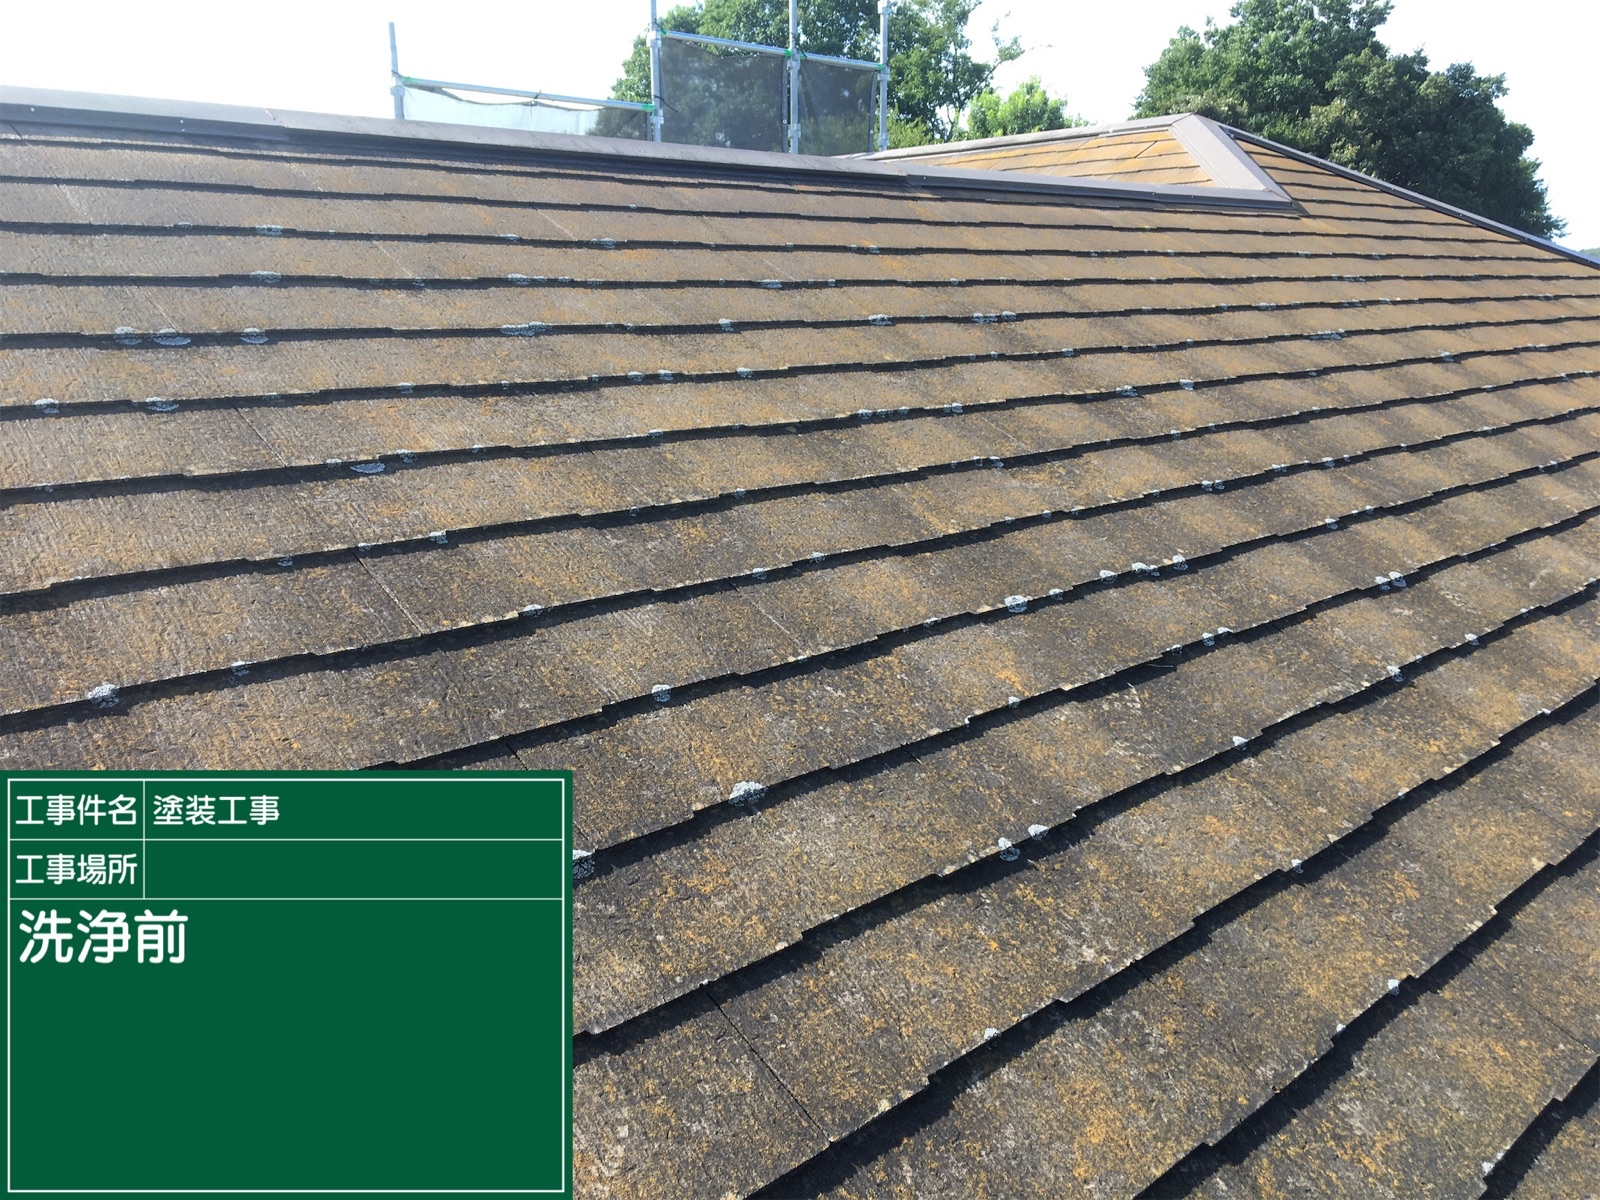 高圧洗浄前屋根(2)300016